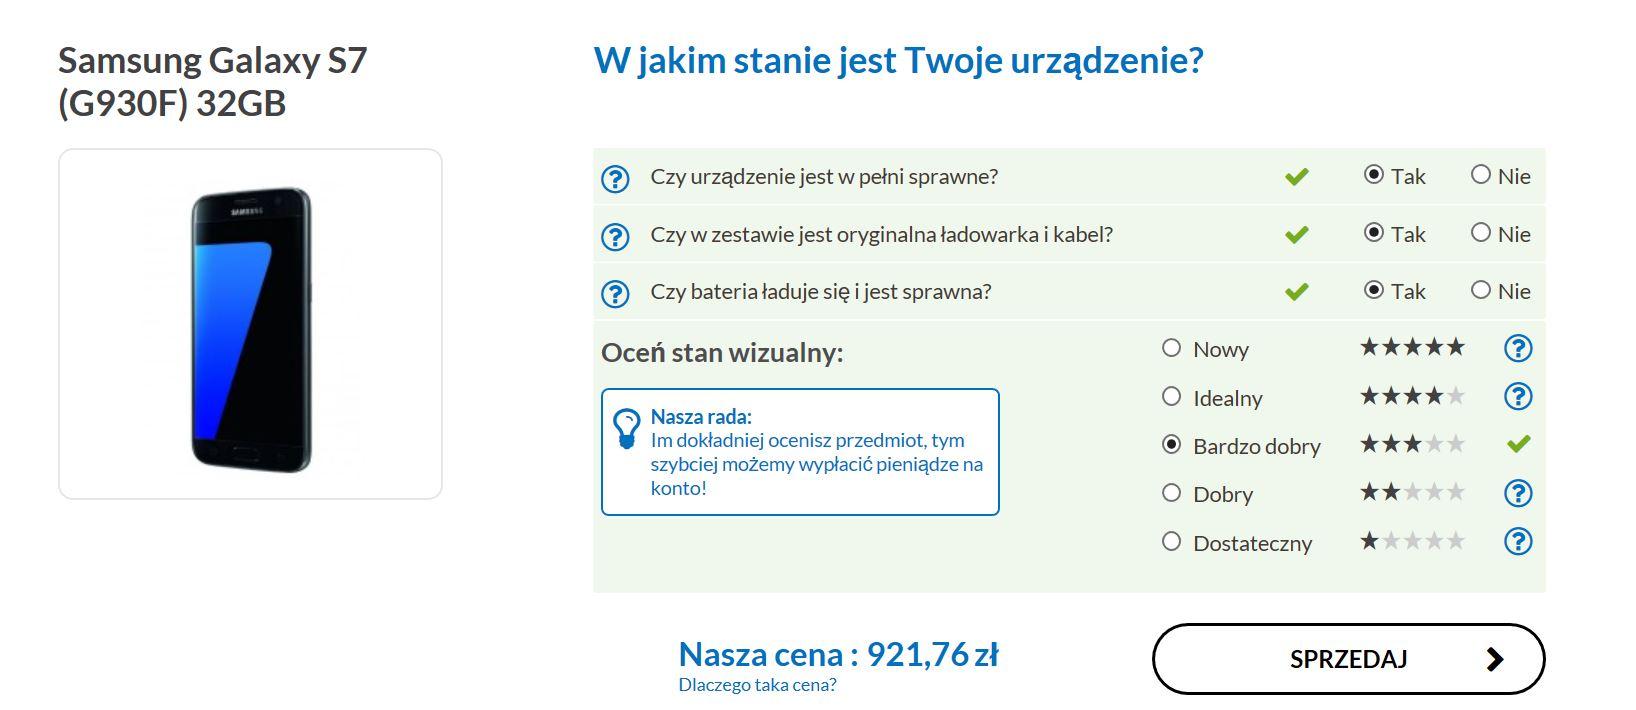 Samsung Galaxy S9 i S9 Plus - polska cena i wyjątkowa promocja na start fcfe85d035a76